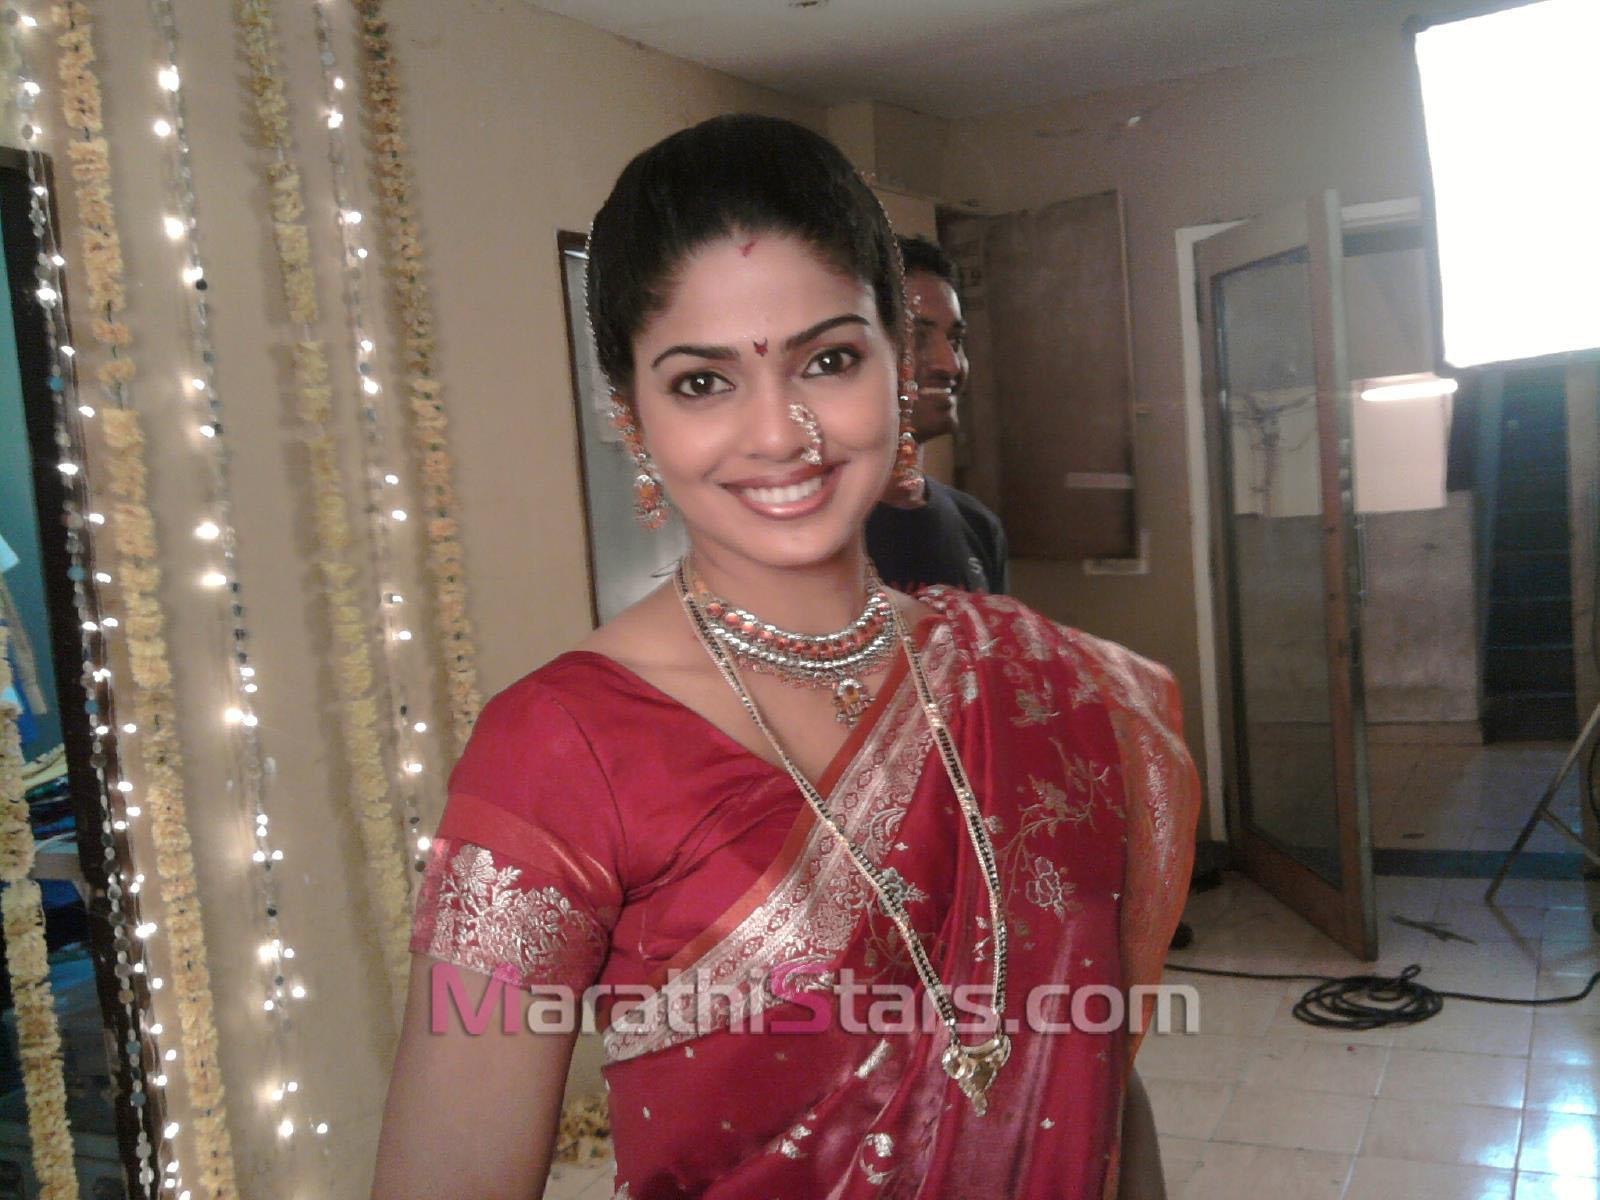 Pooja Sawant Marathi Actress Photos,Biography,Wallpapers -4869